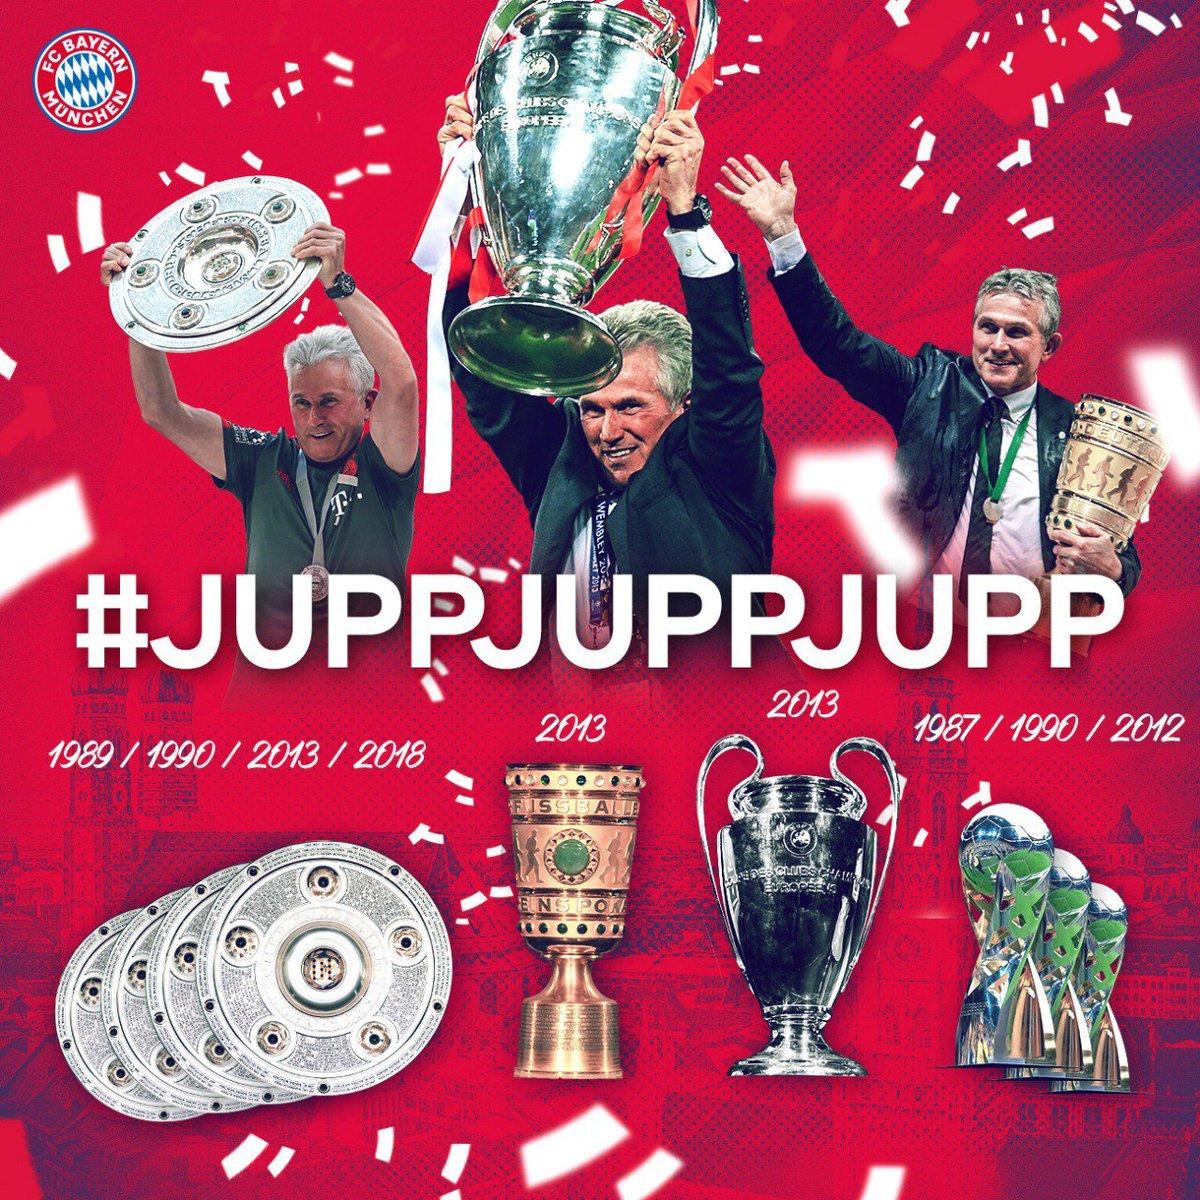 RT @FCBayern: #DankeJupp #JuppJuppJupp https://t.co/hfBhC1UnMV